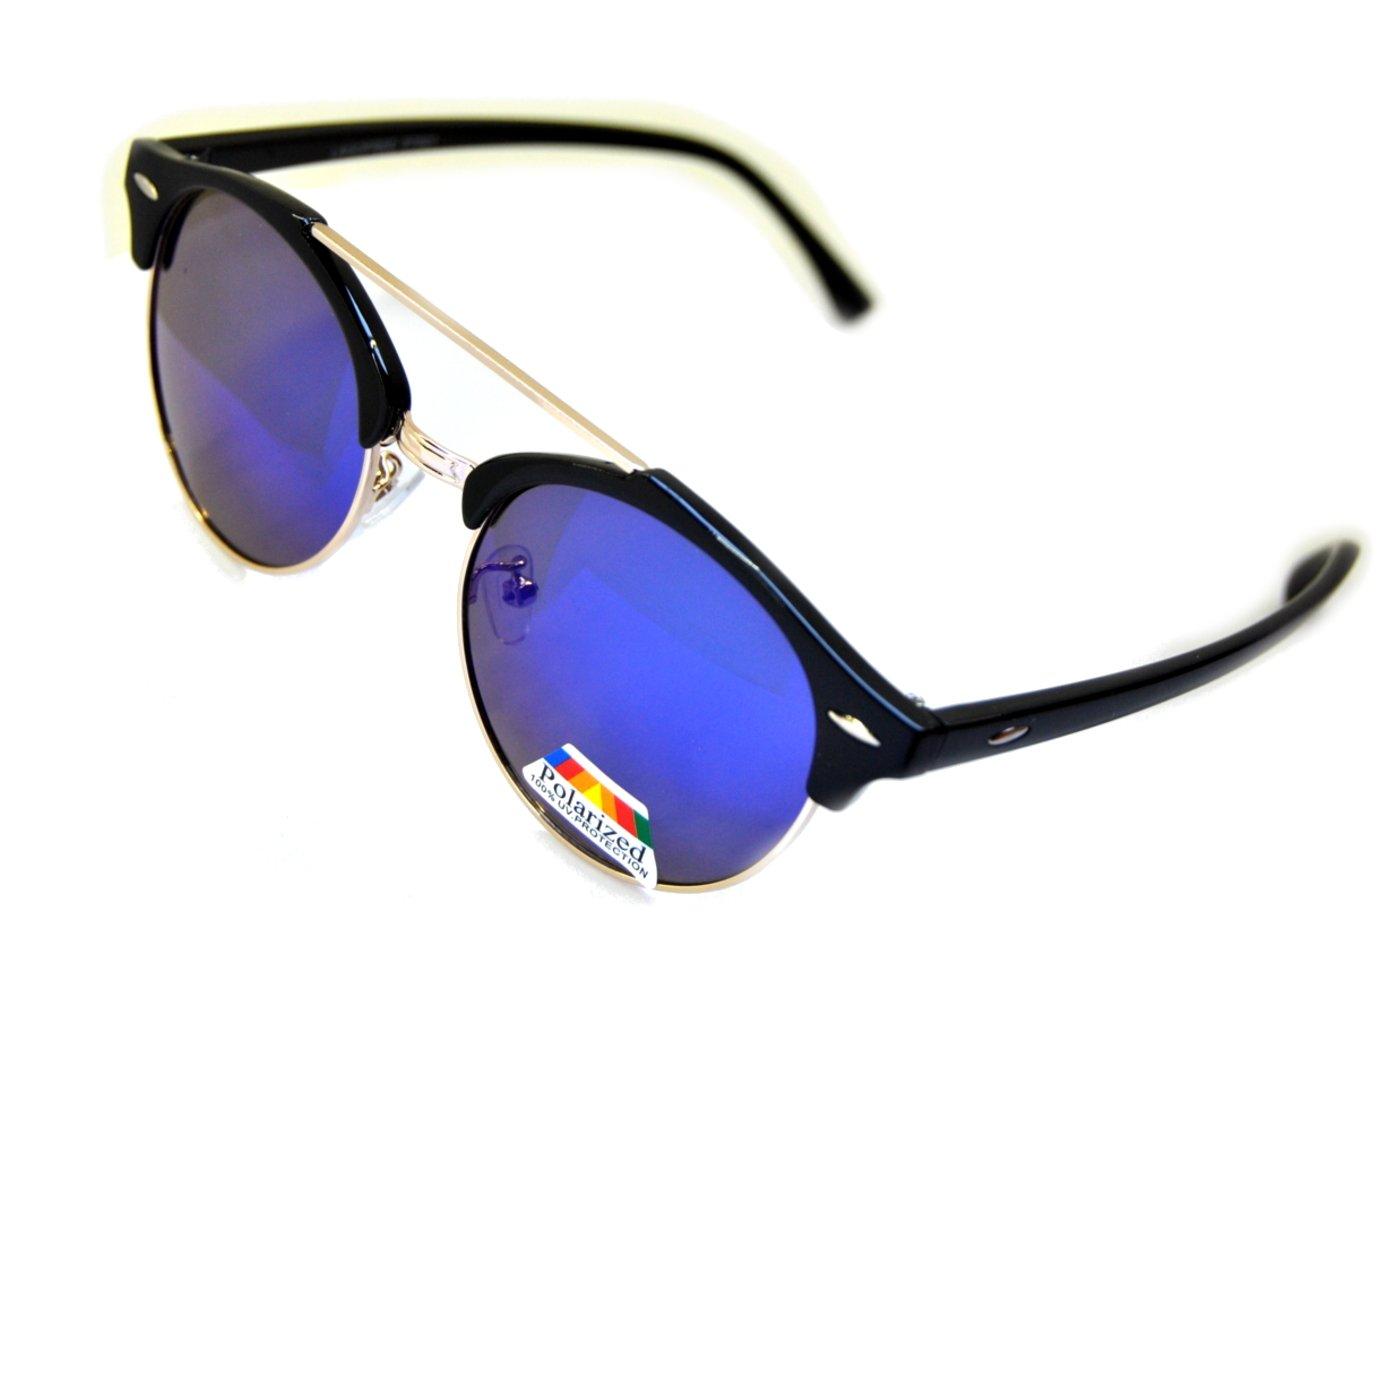 IRIS GLASS Gafas de sol POLARIZADAS con Cristales de Espejo ...